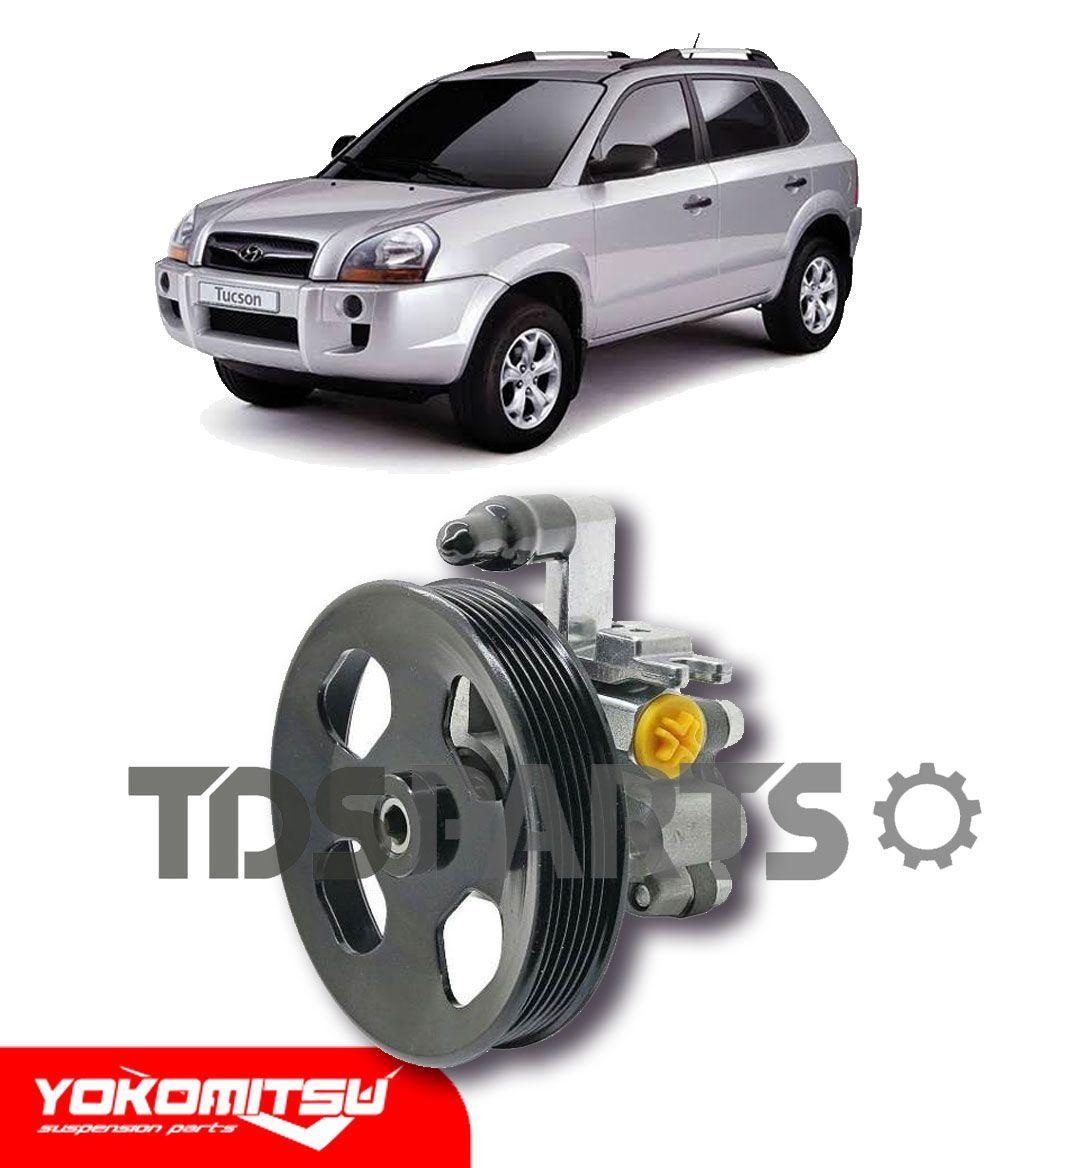 Bomba Direção Hidráulica Hyundai Tucson V6 | Kia Sportage Motor V6